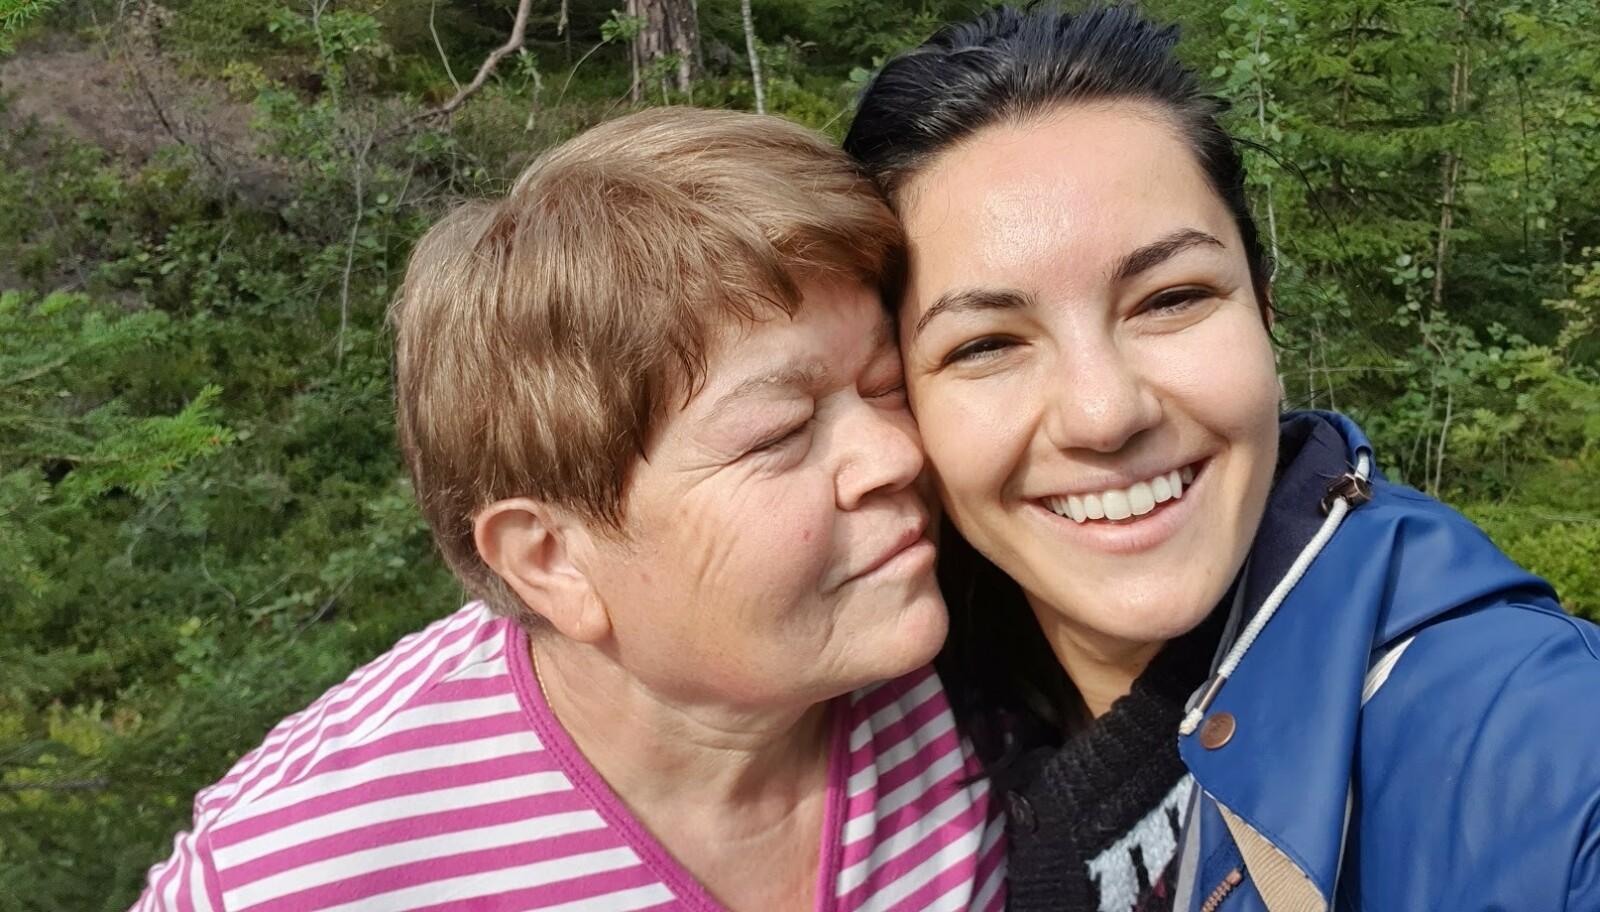 MOR OG DATTER: Seldas mor Gulistan drømmer om at mellomste datter skal utvide familien. Ifølge Selda er ikke det utenkelig at det kan skje i fremtiden. FOTO: Privat